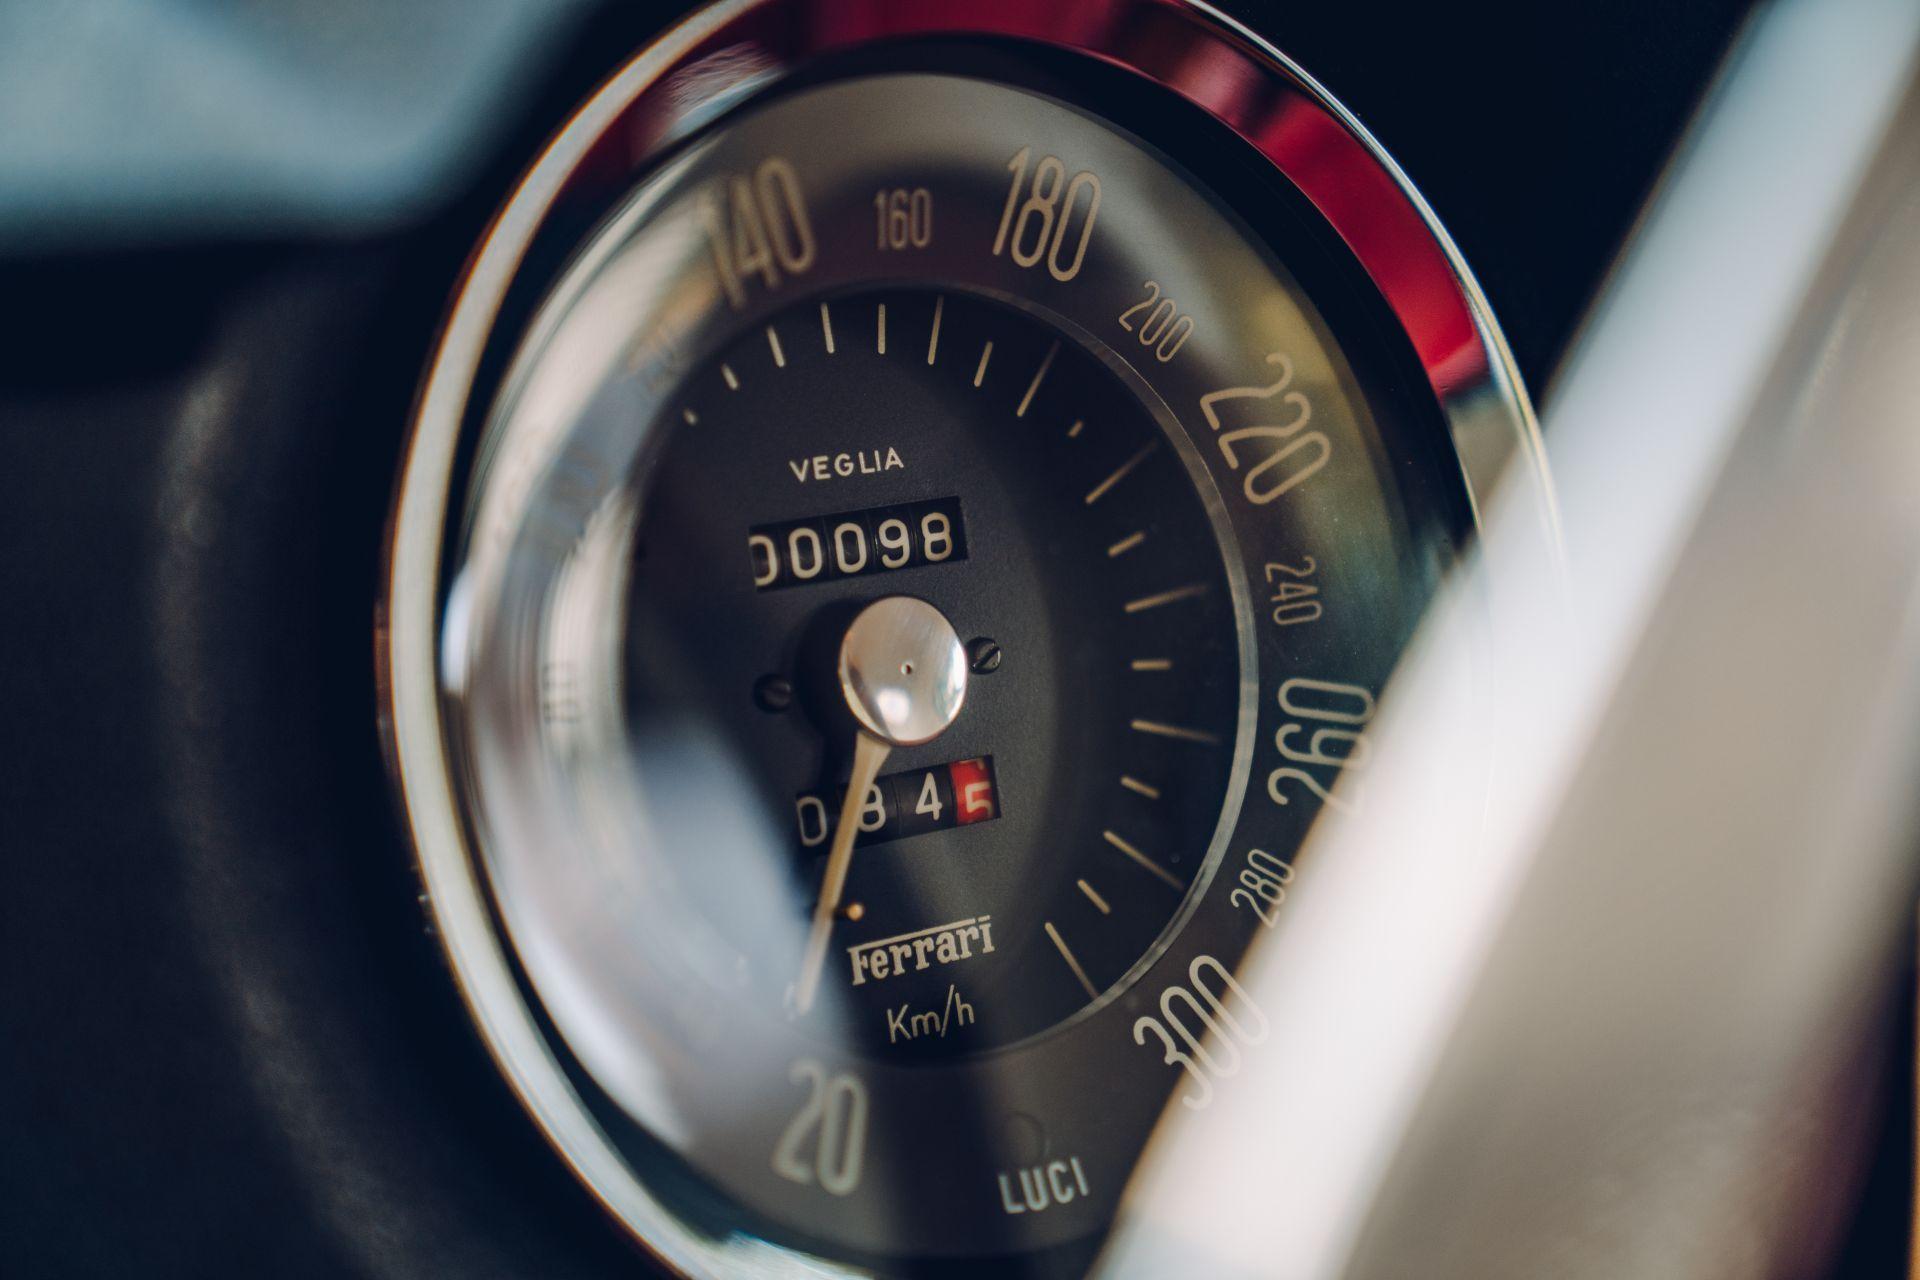 Ferrari-250-GT-SWB-Berlinetta-Competizione-Revival-by-GTO-Engineering-59